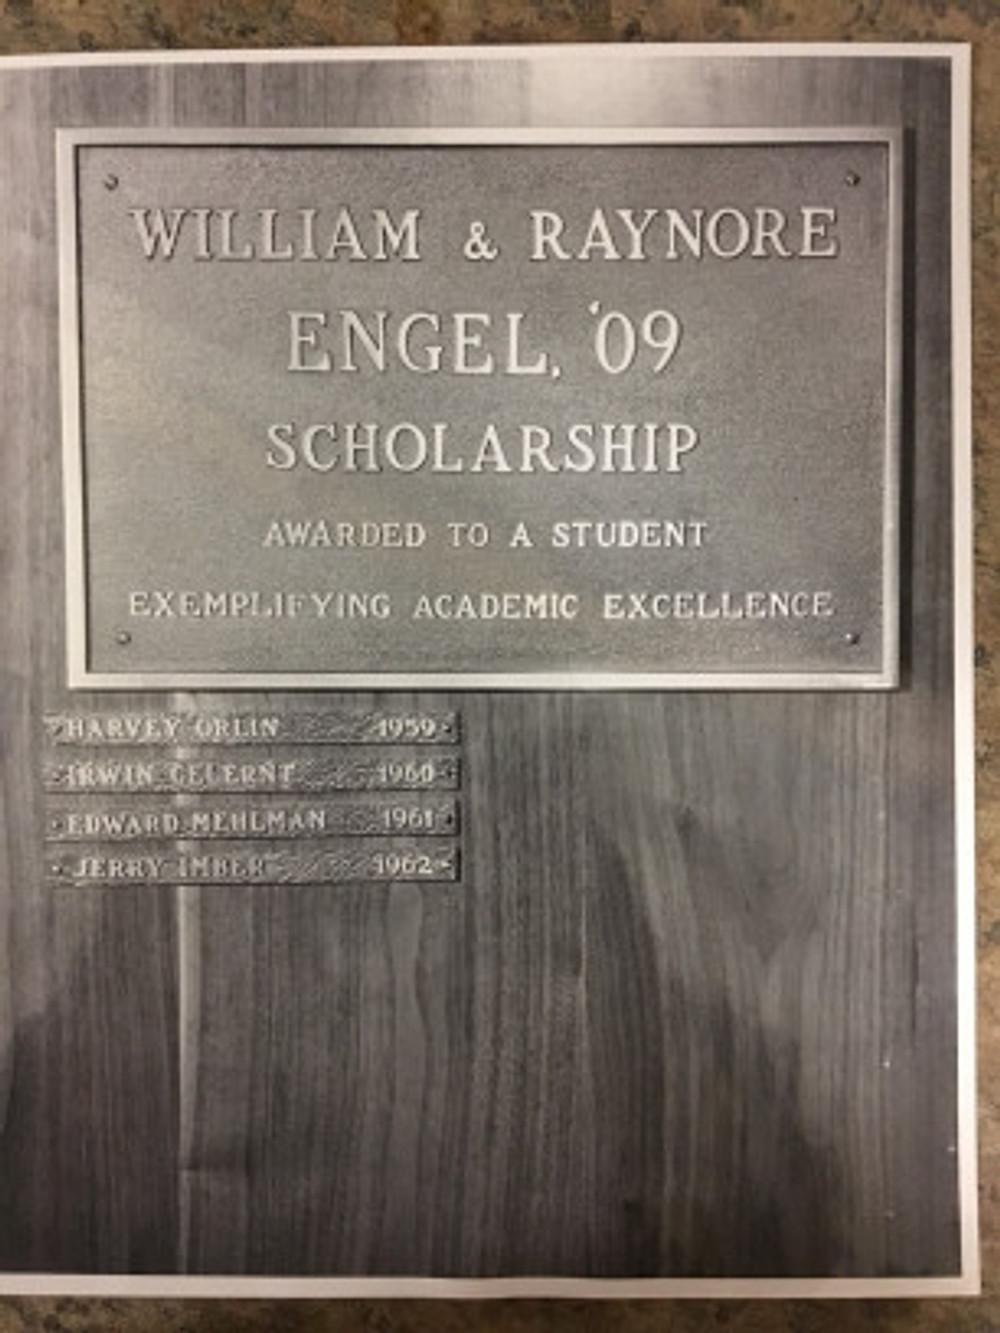 Engel scholars